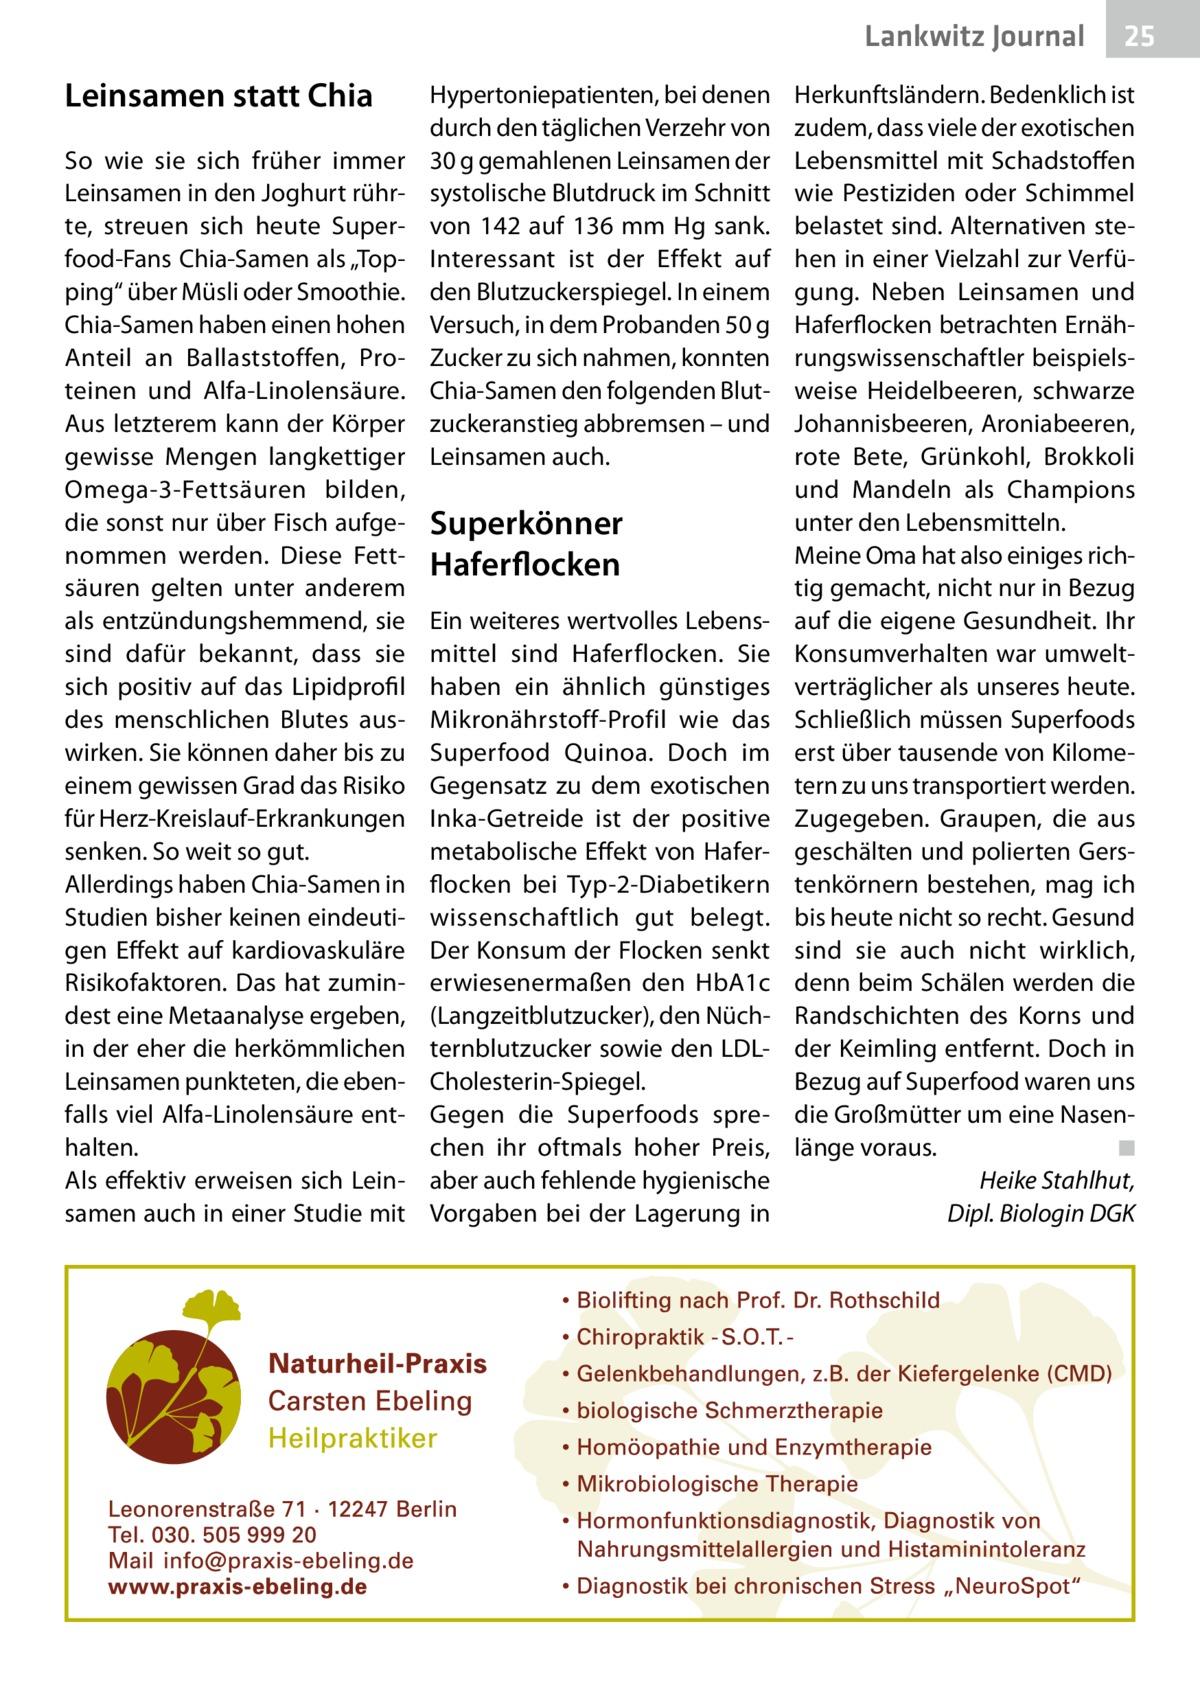 """Lankwitz Journal  Leinsamen statt Chia So wie sie sich früher immer Leinsamen in den Joghurt rührte, streuen sich heute Superfood-Fans Chia-Samen als """"Topping"""" über Müsli oder Smoothie. Chia-Samen haben einen hohen Anteil an Ballaststoffen, Proteinen und Alfa-Linolensäure. Aus letzterem kann der Körper gewisse Mengen langkettiger Omega-3-Fettsäuren bilden, die sonst nur über Fisch aufgenommen werden. Diese Fettsäuren gelten unter anderem als entzündungshemmend, sie sind dafür bekannt, dass sie sich positiv auf das Lipidprofil des menschlichen Blutes auswirken. Sie können daher bis zu einem gewissen Grad das Risiko für Herz-Kreislauf-Erkrankungen senken. So weit so gut. Allerdings haben Chia-Samen in Studien bisher keinen eindeutigen Effekt auf kardiovaskuläre Risikofaktoren. Das hat zumindest eine Metaanalyse ergeben, in der eher die herkömmlichen Leinsamen punkteten, die ebenfalls viel Alfa-Linolensäure enthalten. Als effektiv erweisen sich Leinsamen auch in einer Studie mit  Hypertoniepatienten, bei denen durch den täglichen Verzehr von 30g gemahlenen Leinsamen der systolische Blutdruck im Schnitt von 142 auf 136 mm Hg sank. Interessant ist der Effekt auf den Blutzuckerspiegel. In einem Versuch, in dem Probanden 50g Zucker zu sich nahmen, konnten Chia-Samen den folgenden Blutzuckeranstieg abbremsen – und Leinsamen auch.  Superkönner Haferflocken Ein weiteres wertvolles Lebensmittel sind Haferflocken. Sie haben ein ähnlich günstiges Mikronährstoff-Profil wie das Superfood Quinoa. Doch im Gegensatz zu dem exotischen Inka-Getreide ist der positive metabolische Effekt von Haferflocken bei Typ-2-Diabetikern wissenschaftlich gut belegt. Der Konsum der Flocken senkt erwiesenermaßen den HbA1c (Langzeitblutzucker), den Nüchternblutzucker sowie den LDLCholesterin-Spiegel. Gegen die Superfoods sprechen ihr oftmals hoher Preis, aber auch fehlende hygienische Vorgaben bei der Lagerung in  25  Herkunftsländern. Bedenklich ist zudem, dass viele der exotischen Lebensmittel mit Sc"""